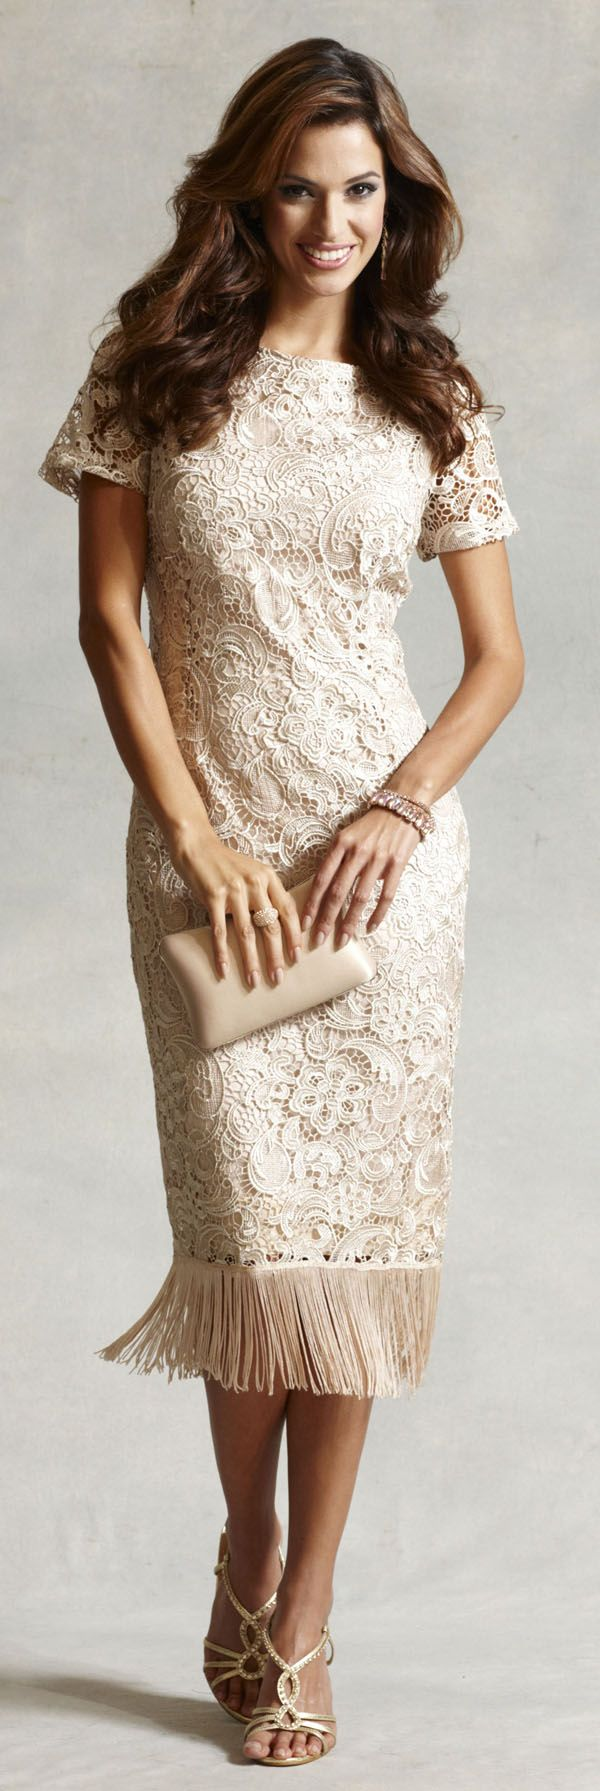 1000  images about wedding dresses on Pinterest  Older bride ...